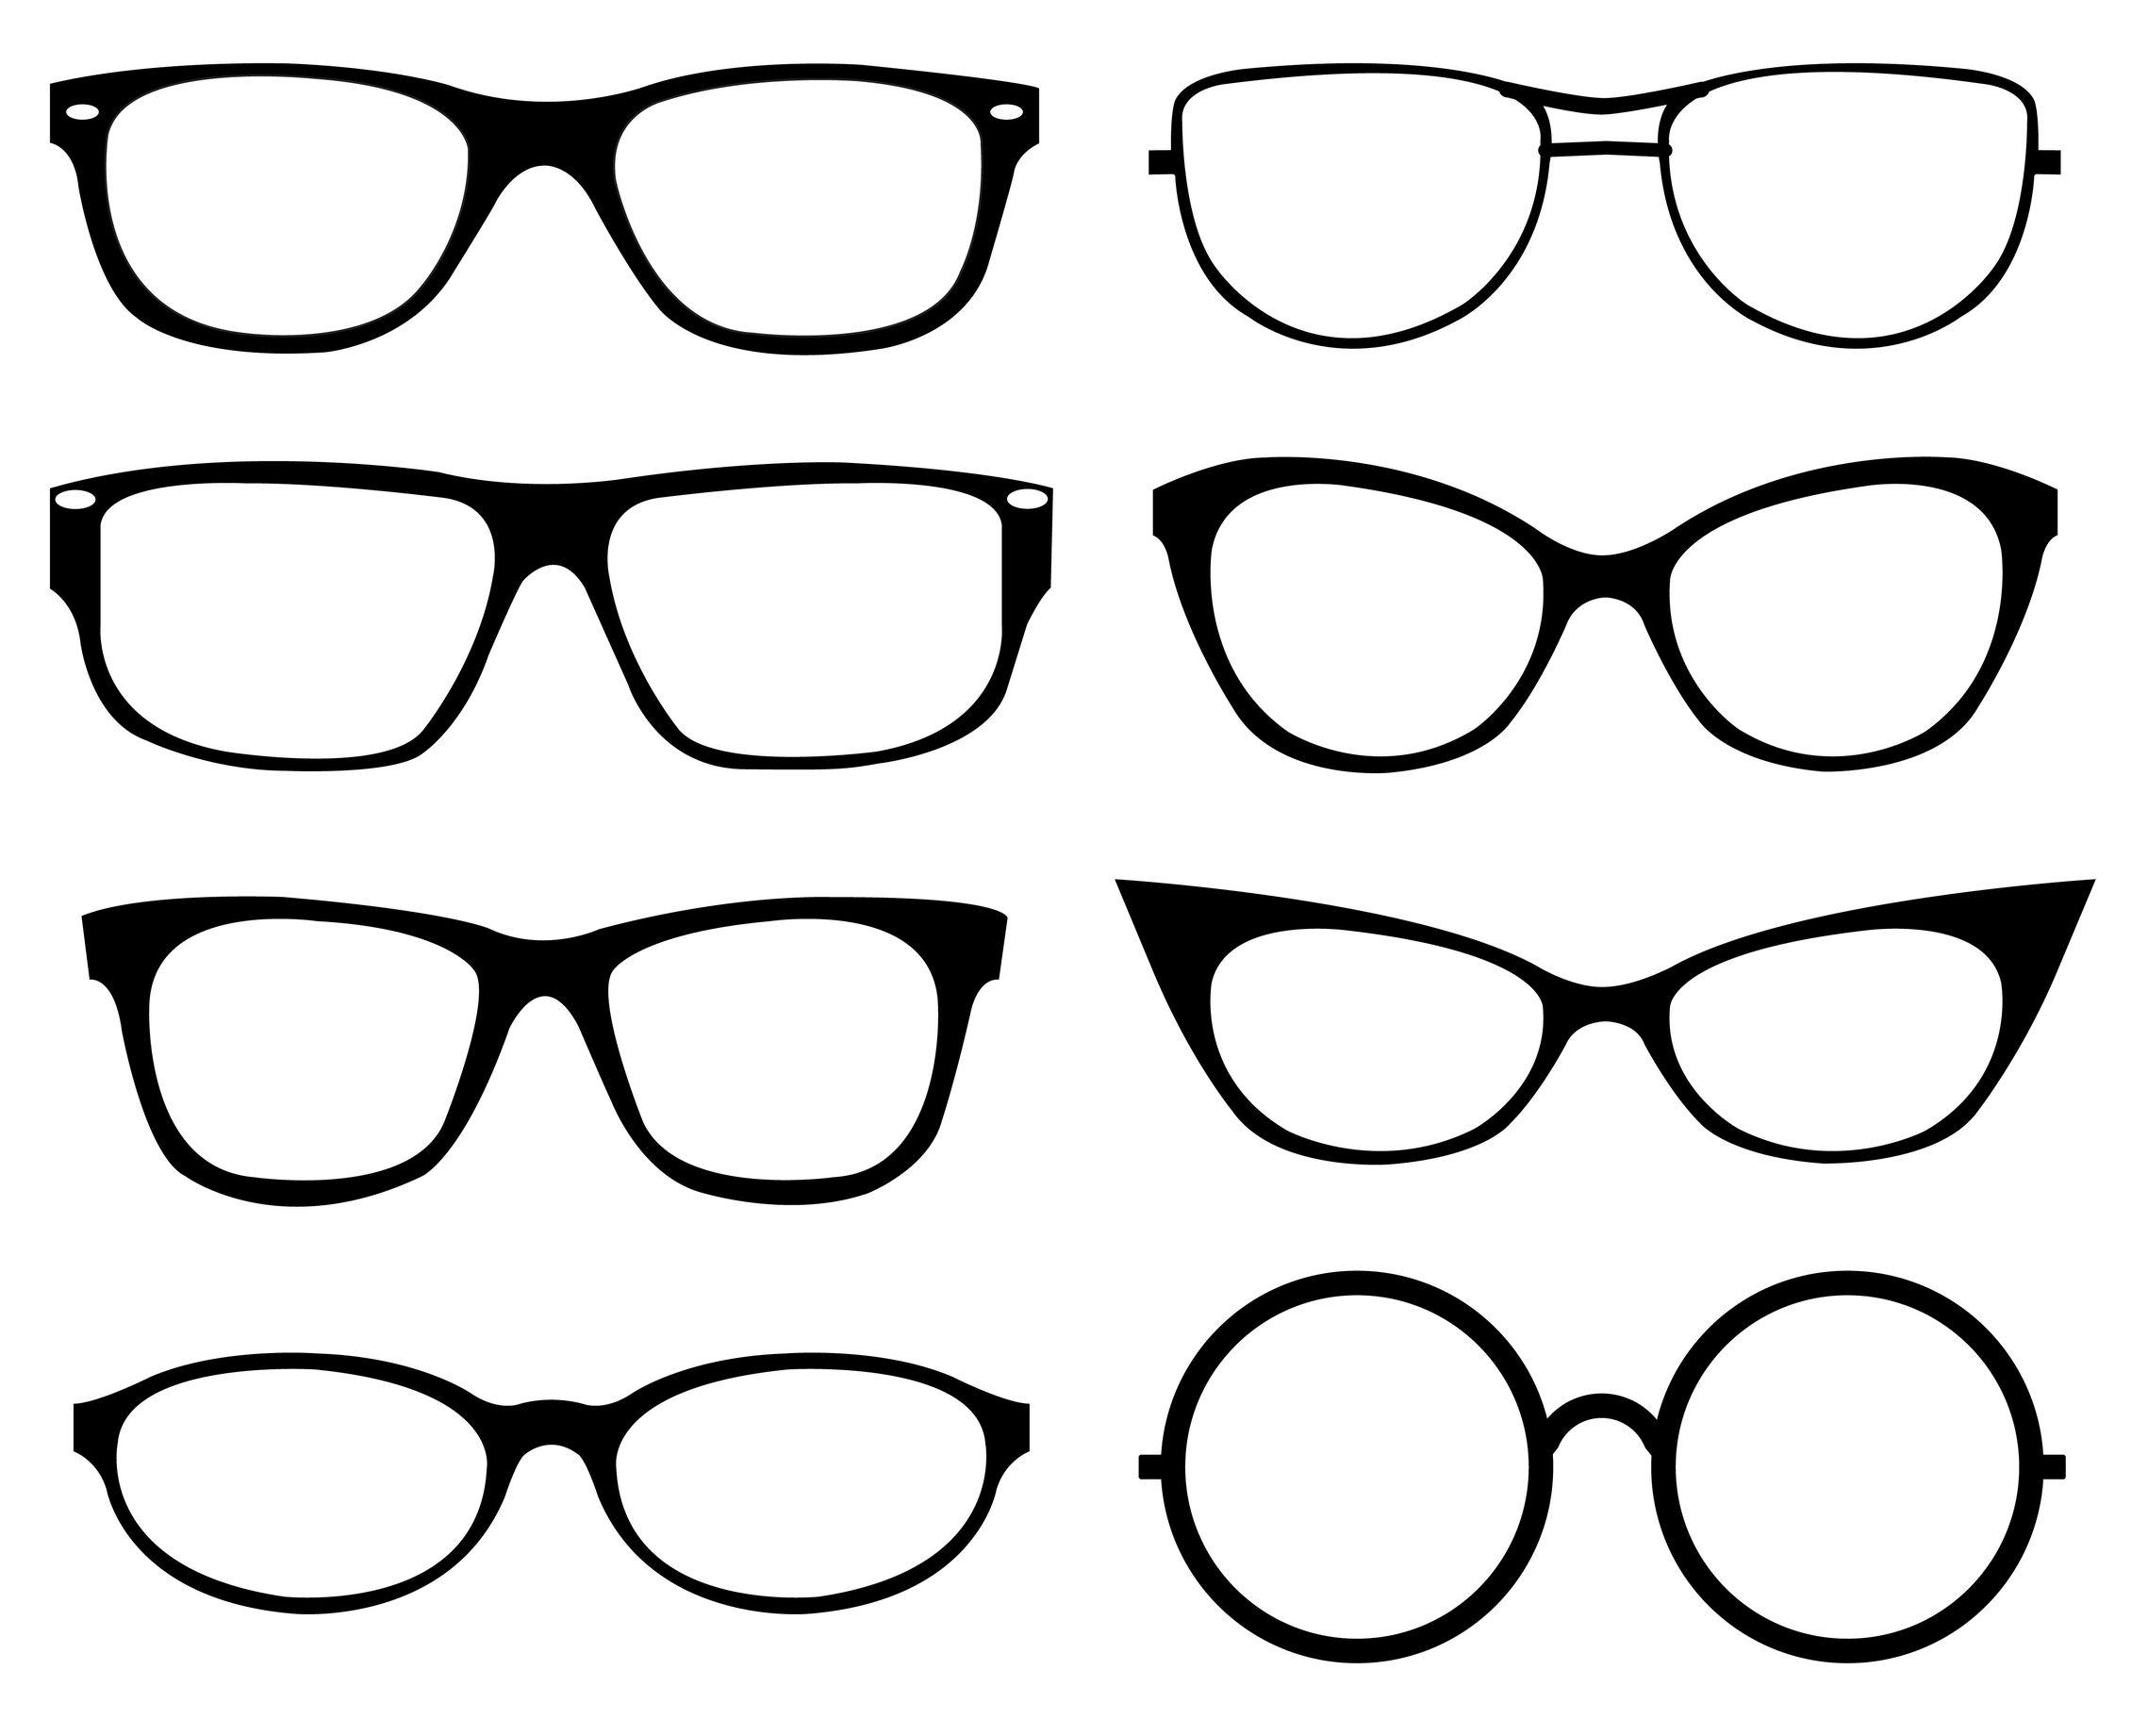 Protéger ses yeux avec des lunettes de soleil